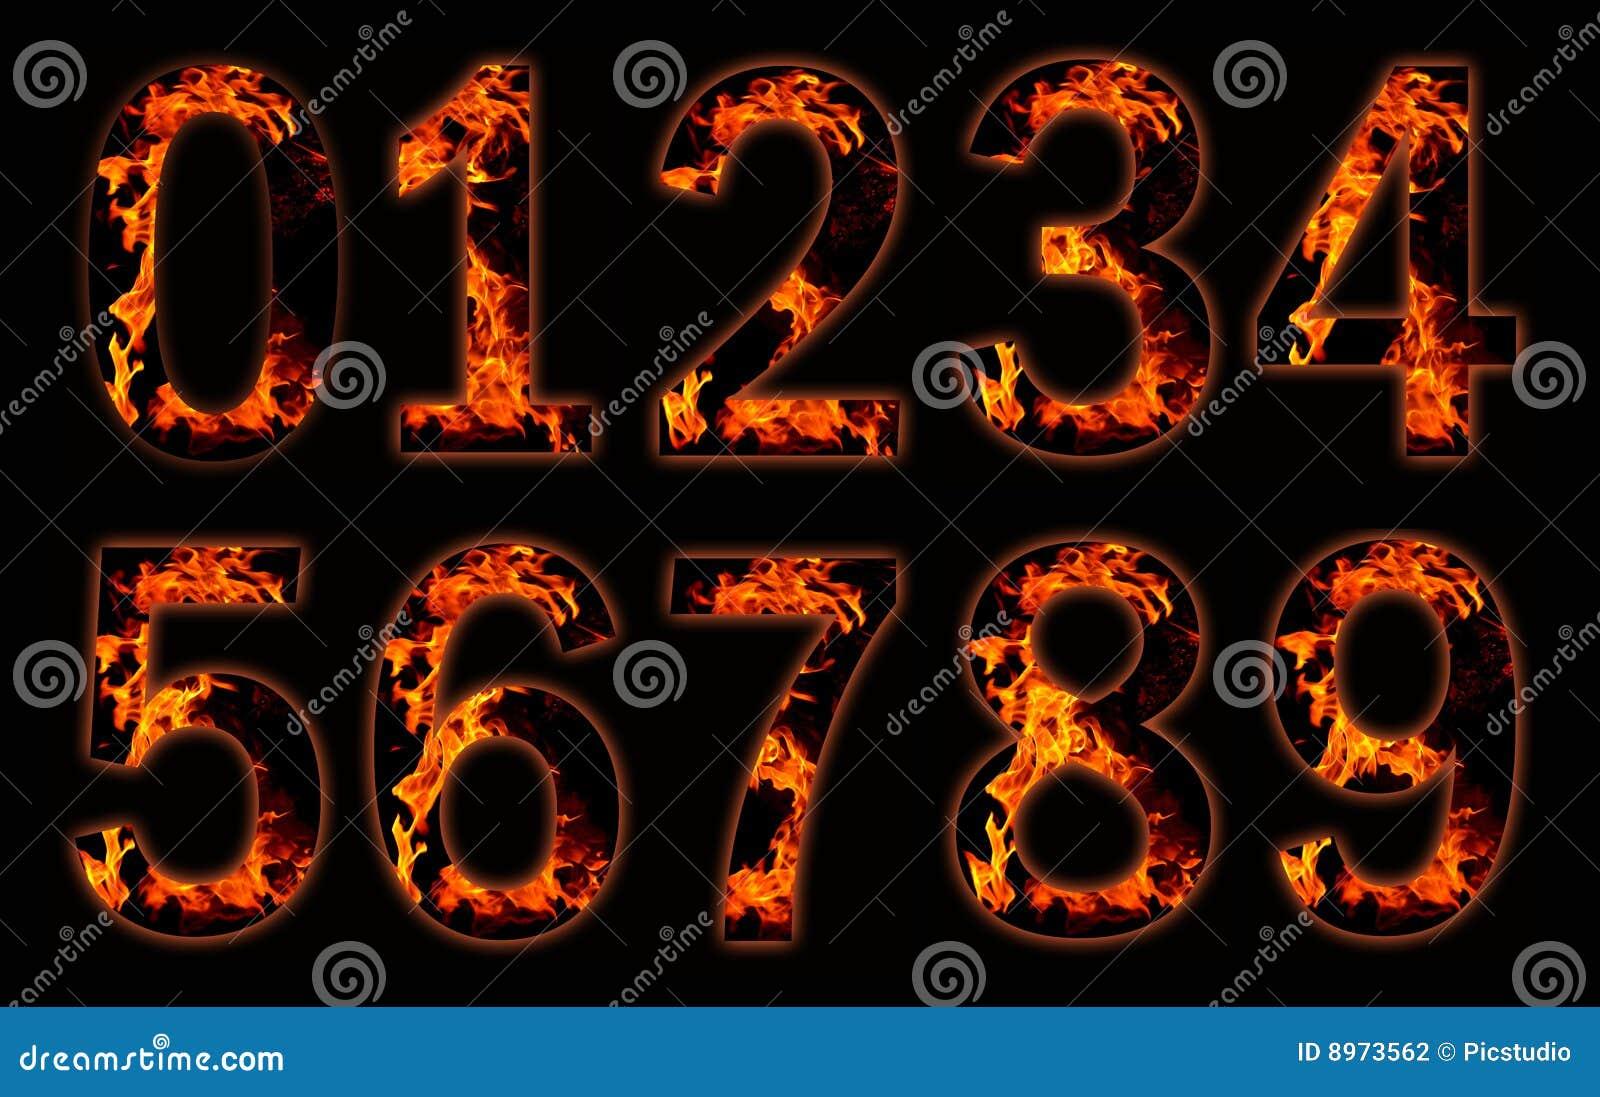 Cifre su fuoco.